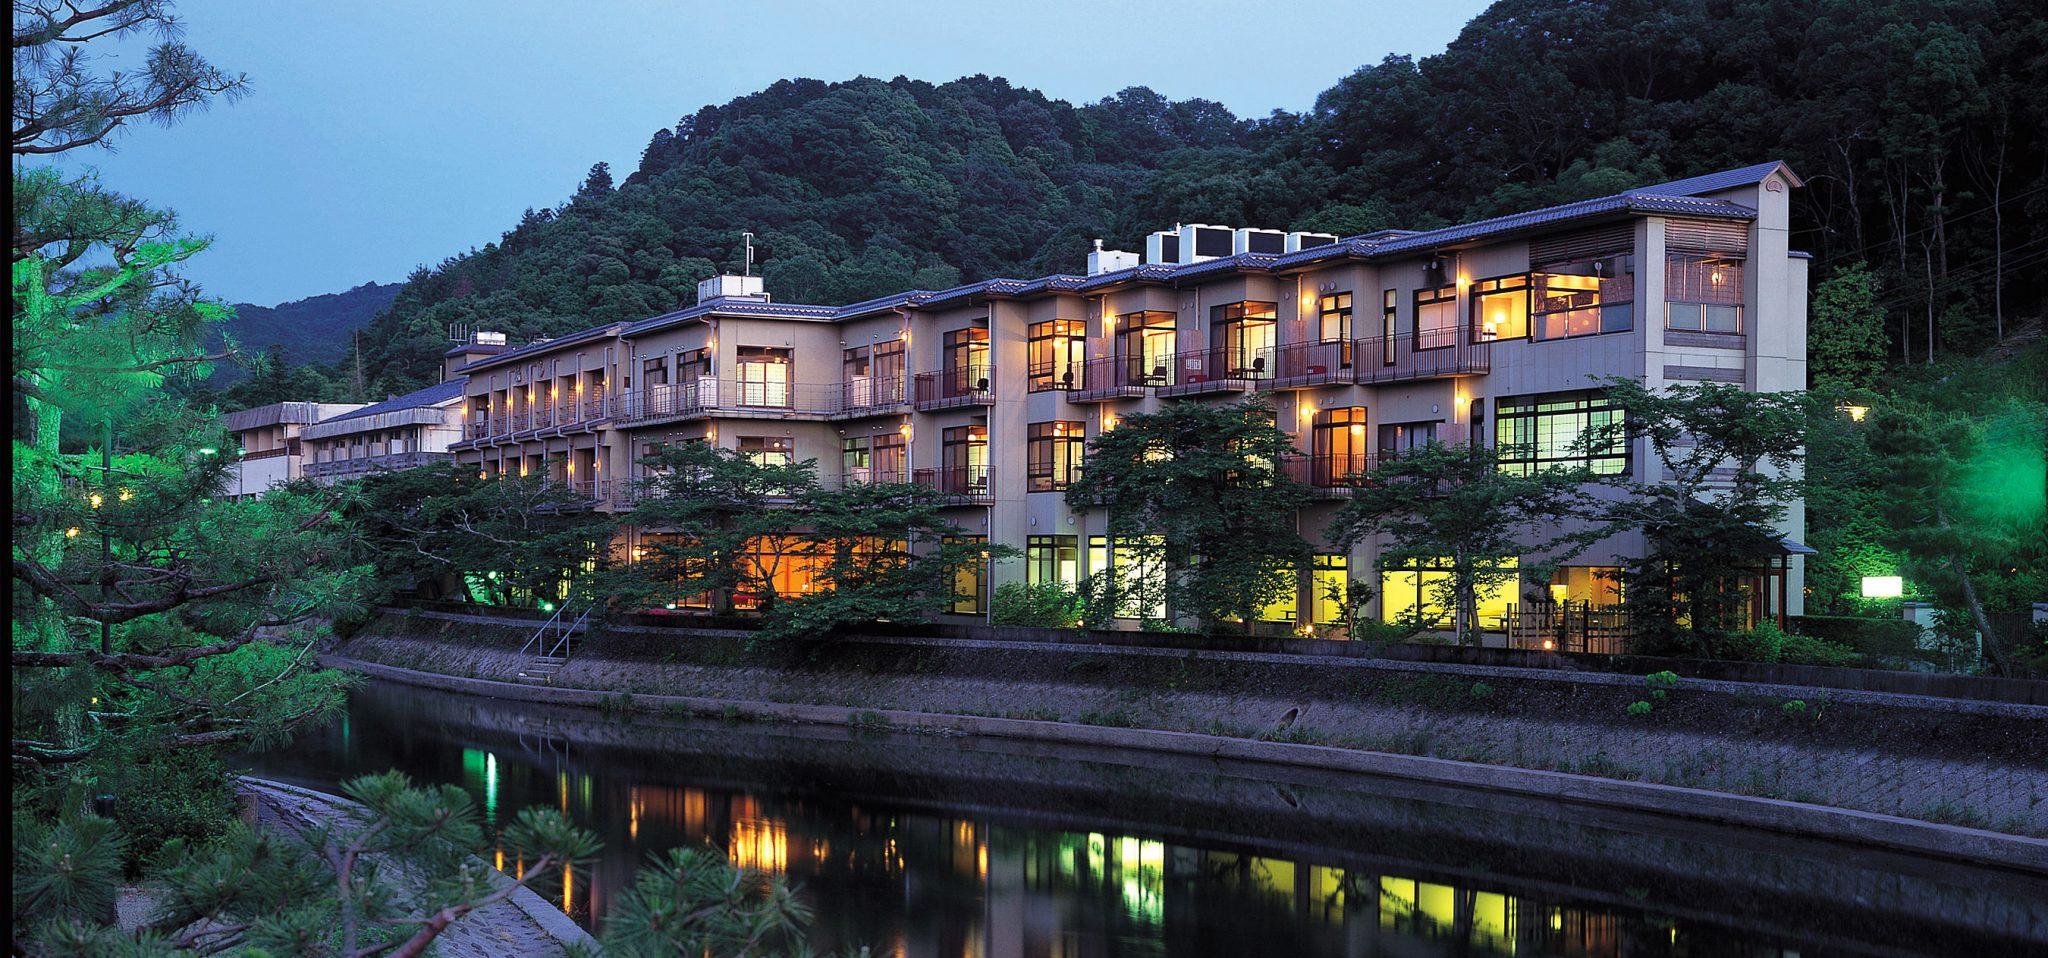 10 Hotel Pilihan Yang Memiliki Kisah Tentang Genji di Uji, Kyoto